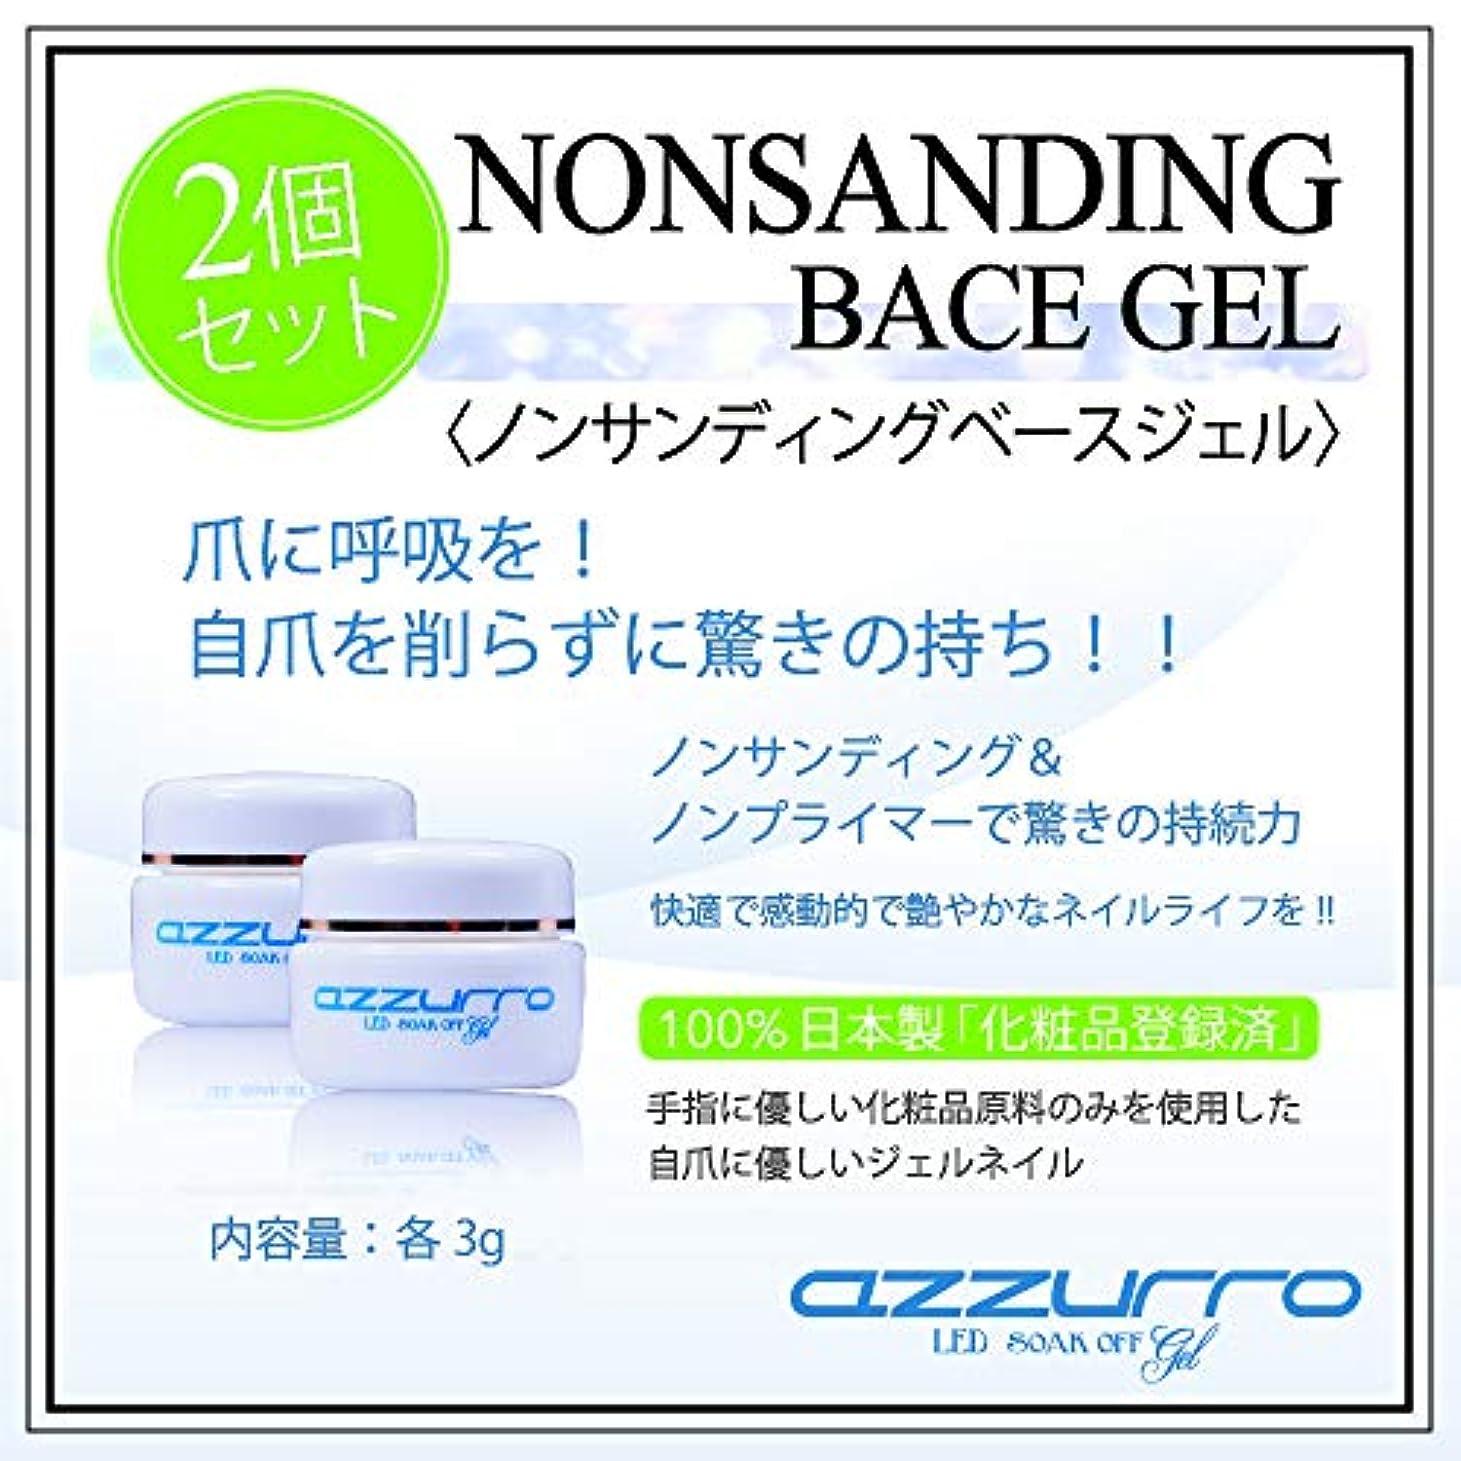 ライン鋭く抑止するazzurro gel アッズーロノンサンディング ベースジェル お得な2個セット 削らないので爪に優しい 抜群の密着力 リムーバーでオフも簡単 3g